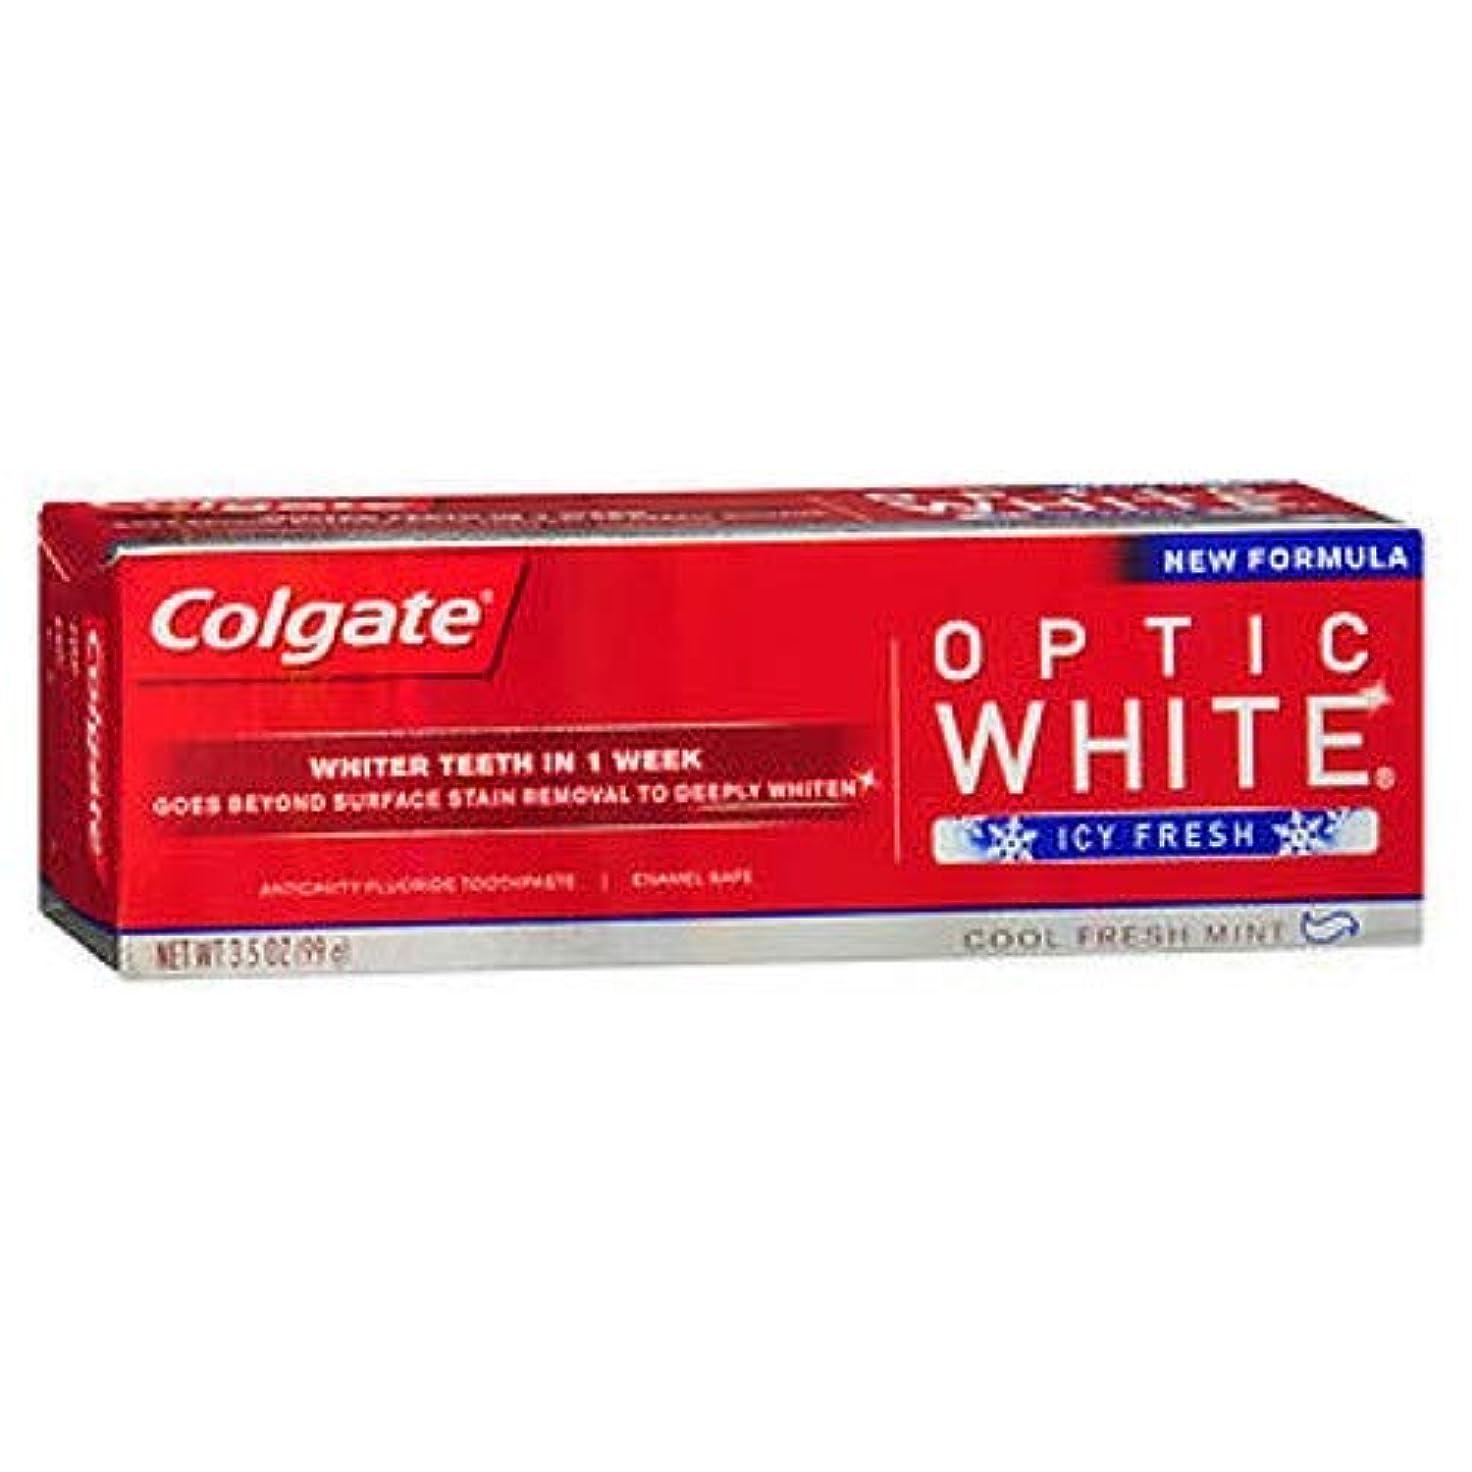 エミュレーション実装する欲求不満Colgate Optic White コルゲート Icy Fresh アドバンス ホワイトニング 99g